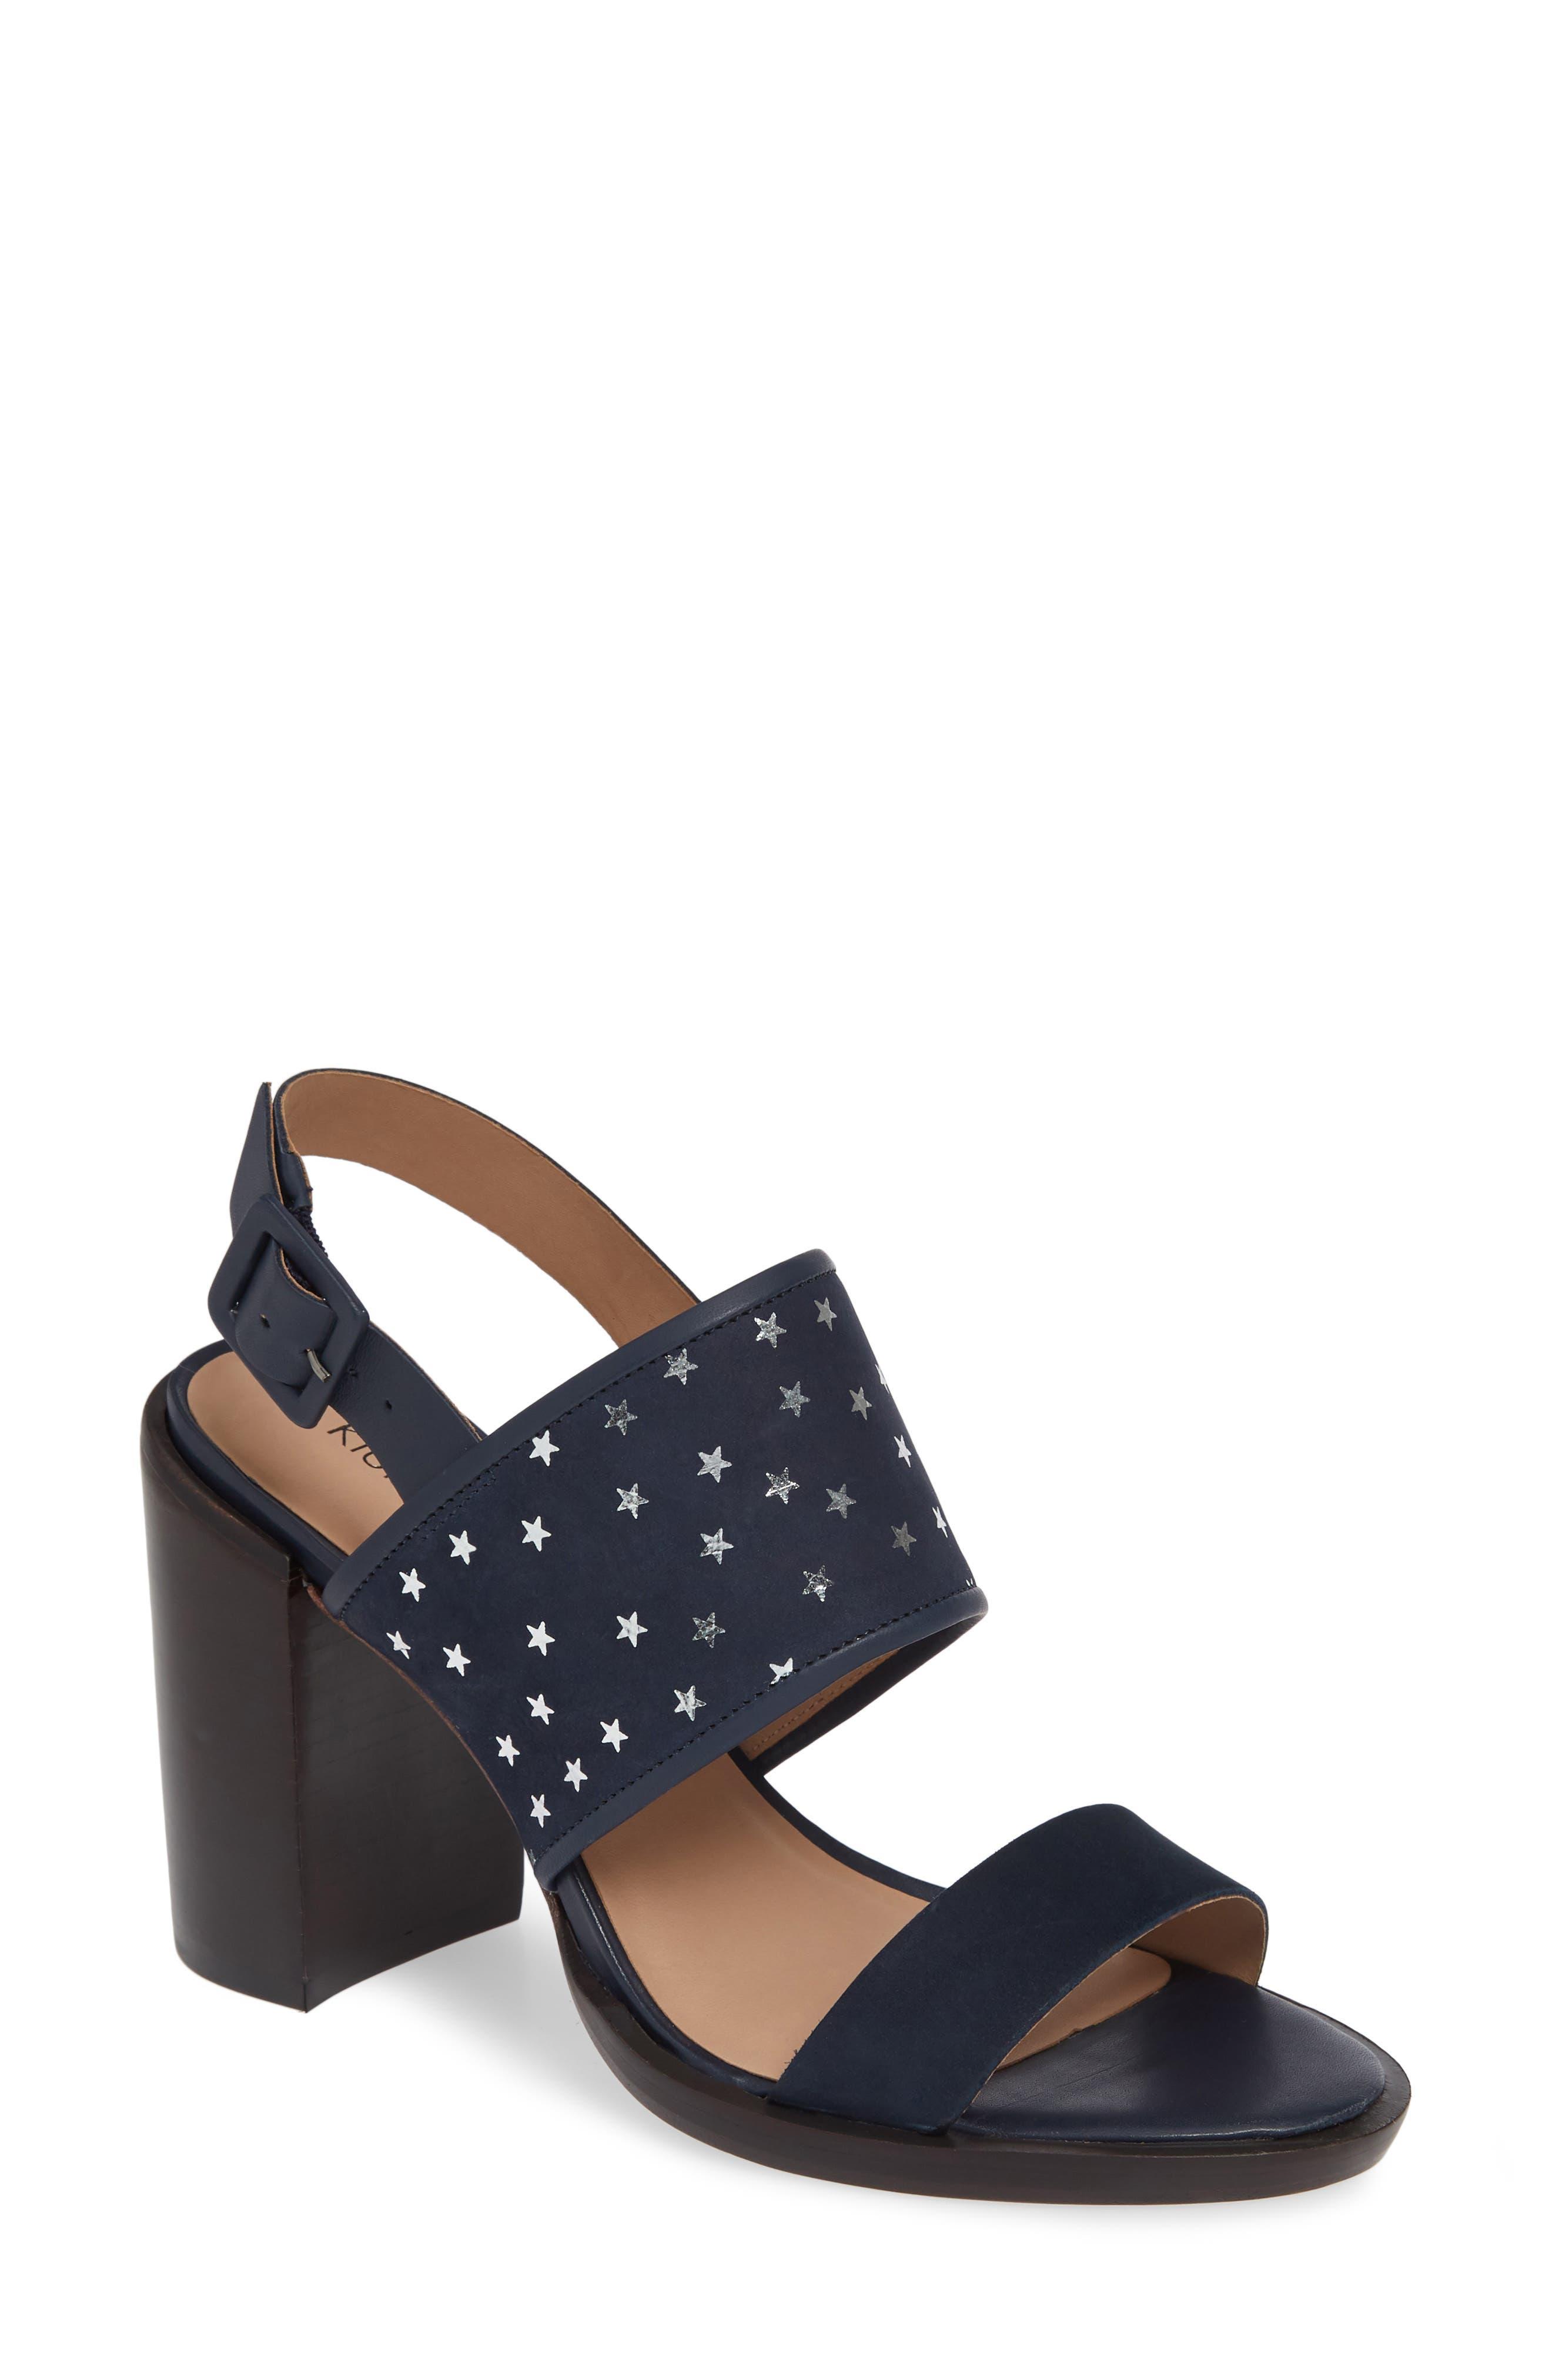 Tilda Sandal,                         Main,                         color, STAR SUEDE